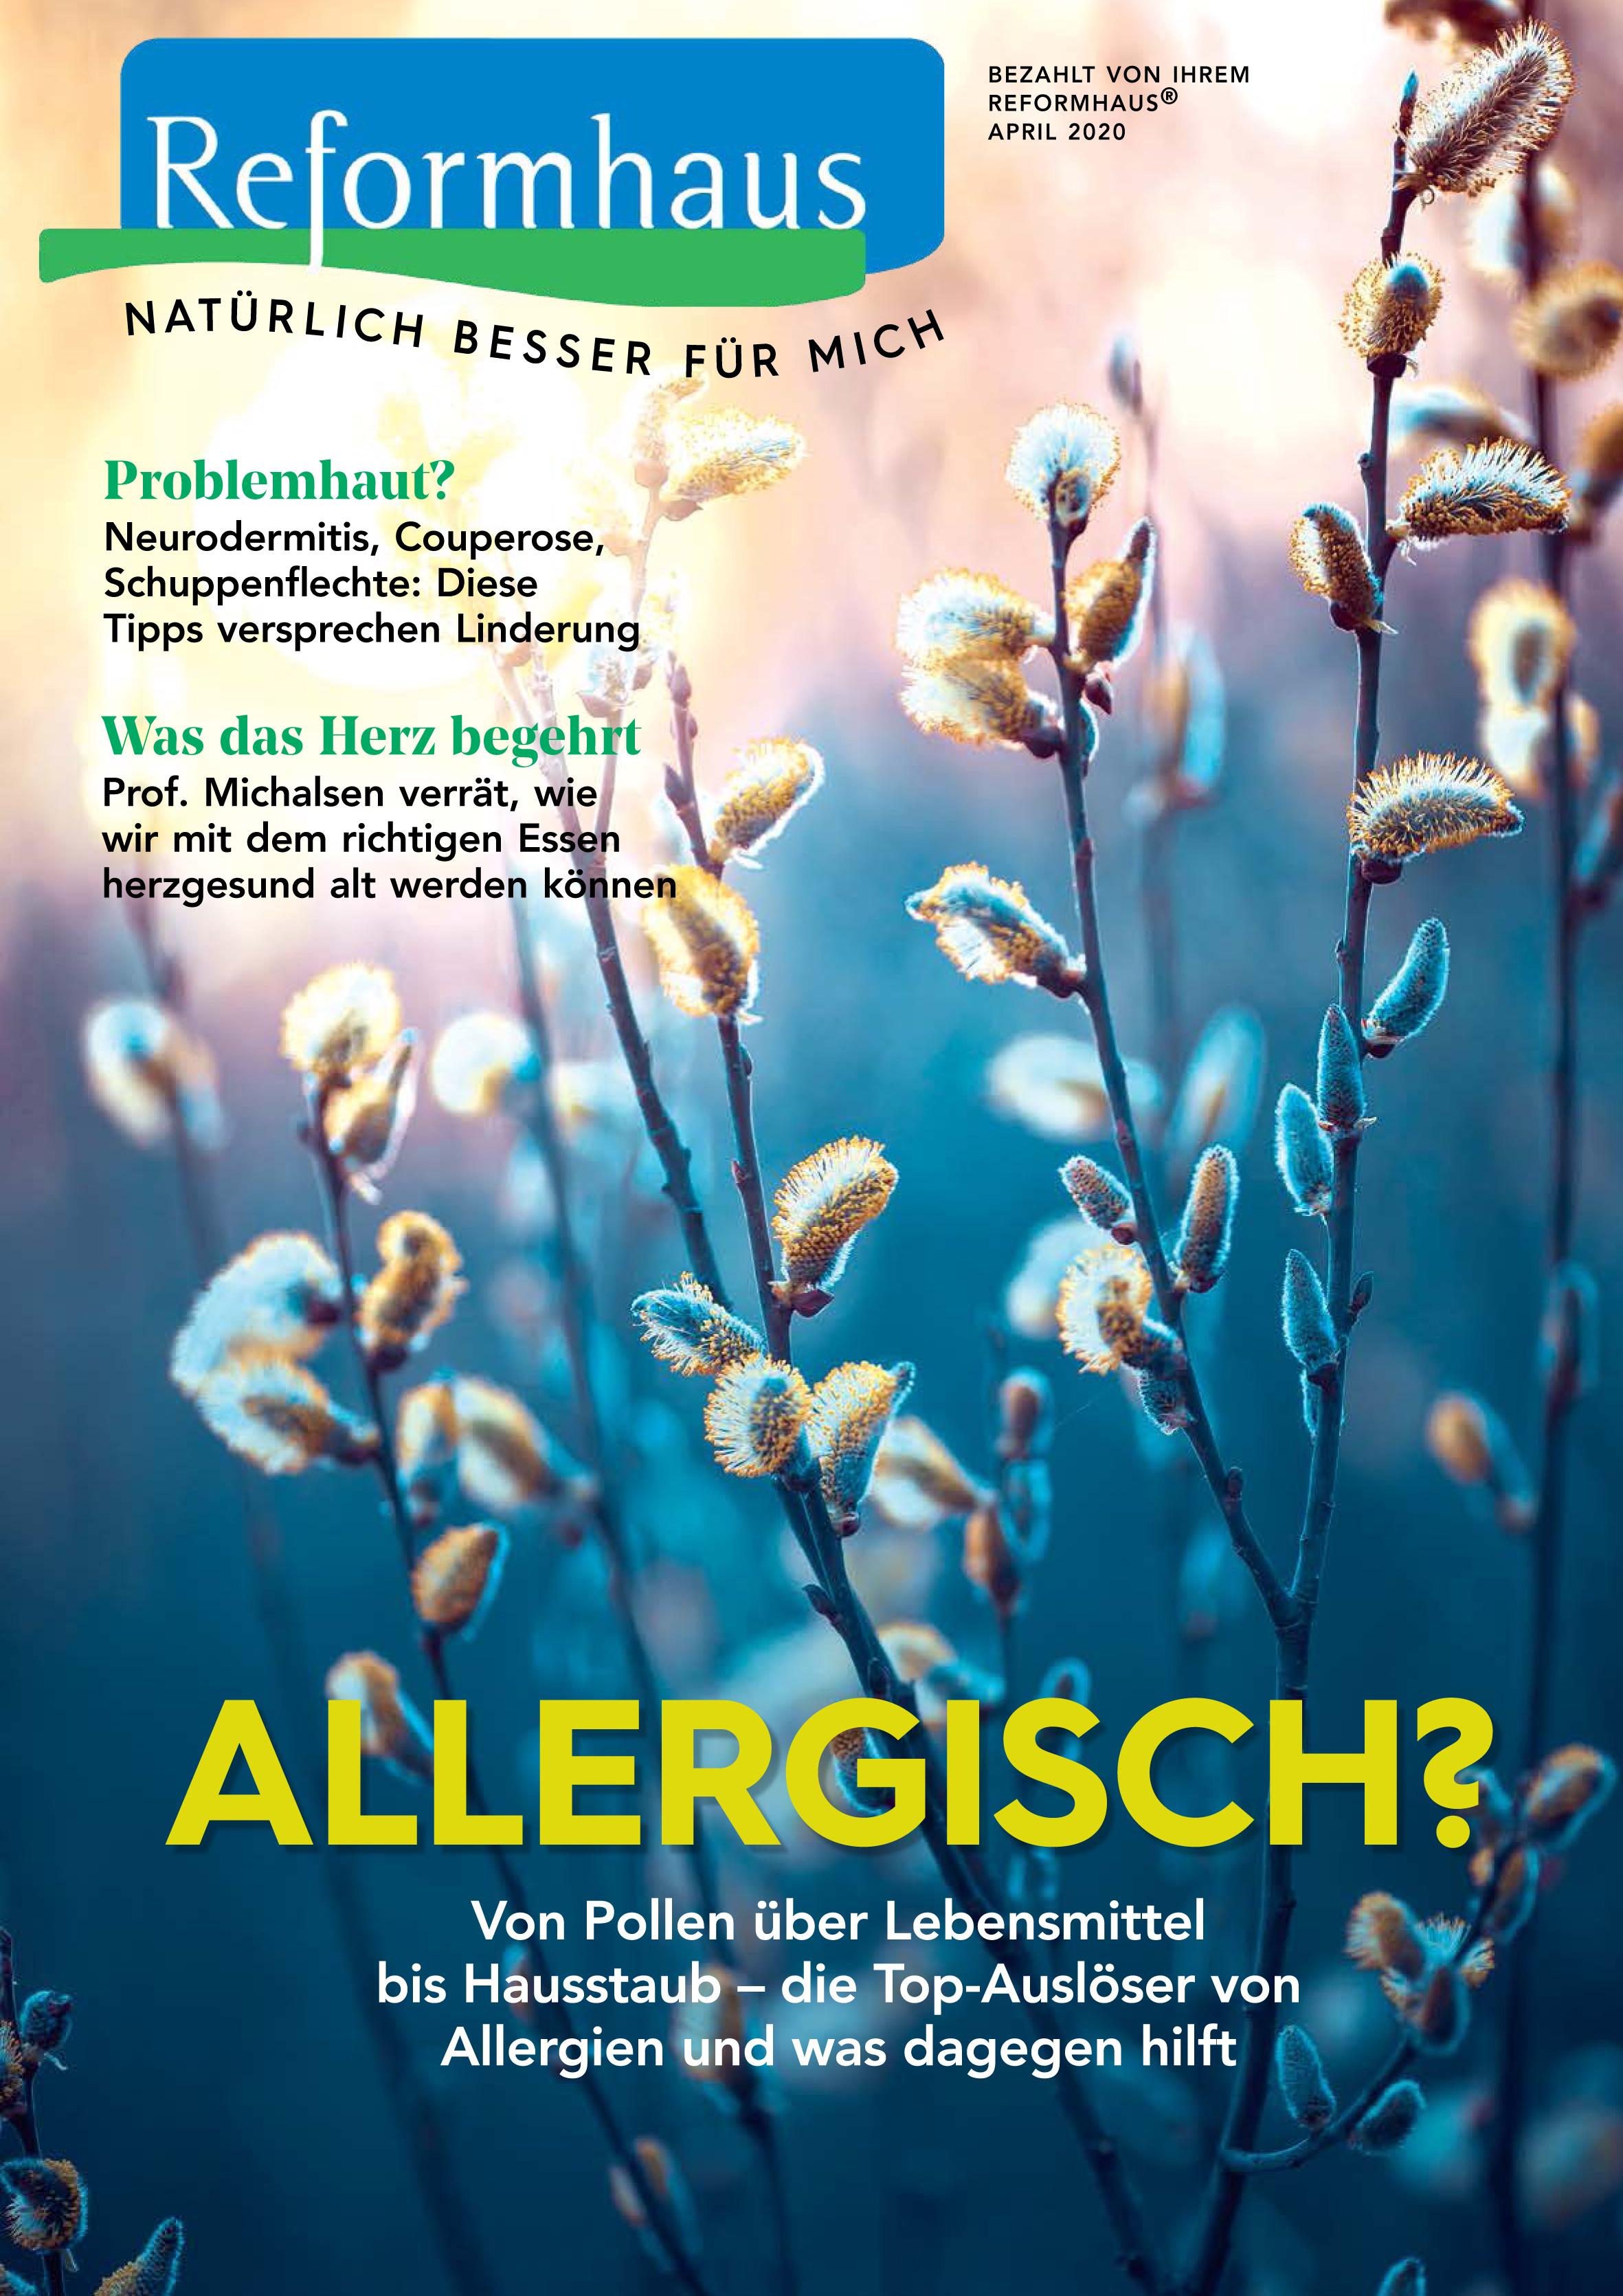 Tief Luft holen! – Artikel im Reformhaus Magazin